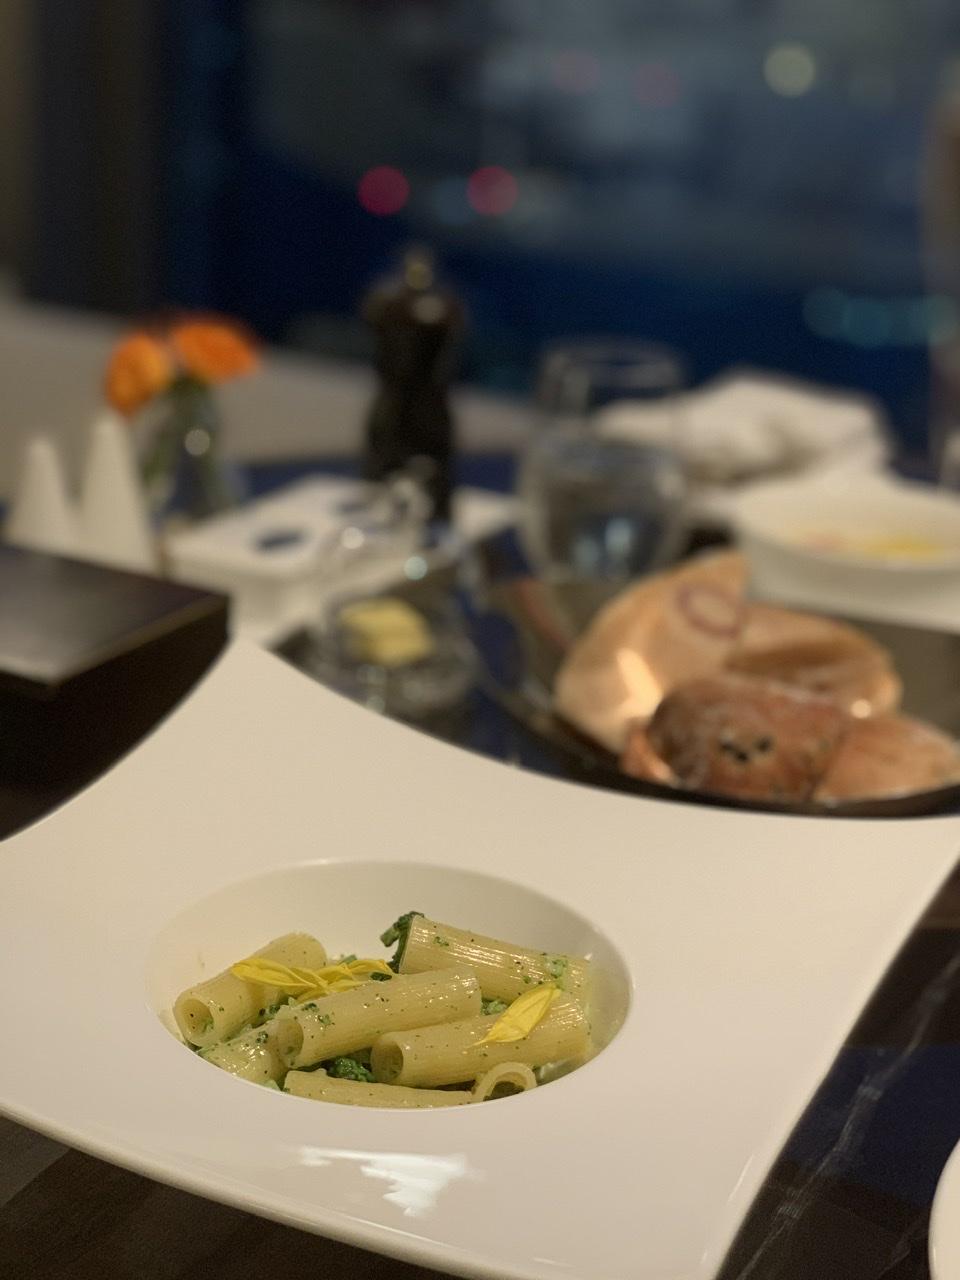 ブロッコリーと季節野菜のリガトーニ ペコリーノチーズとブラックペッパー